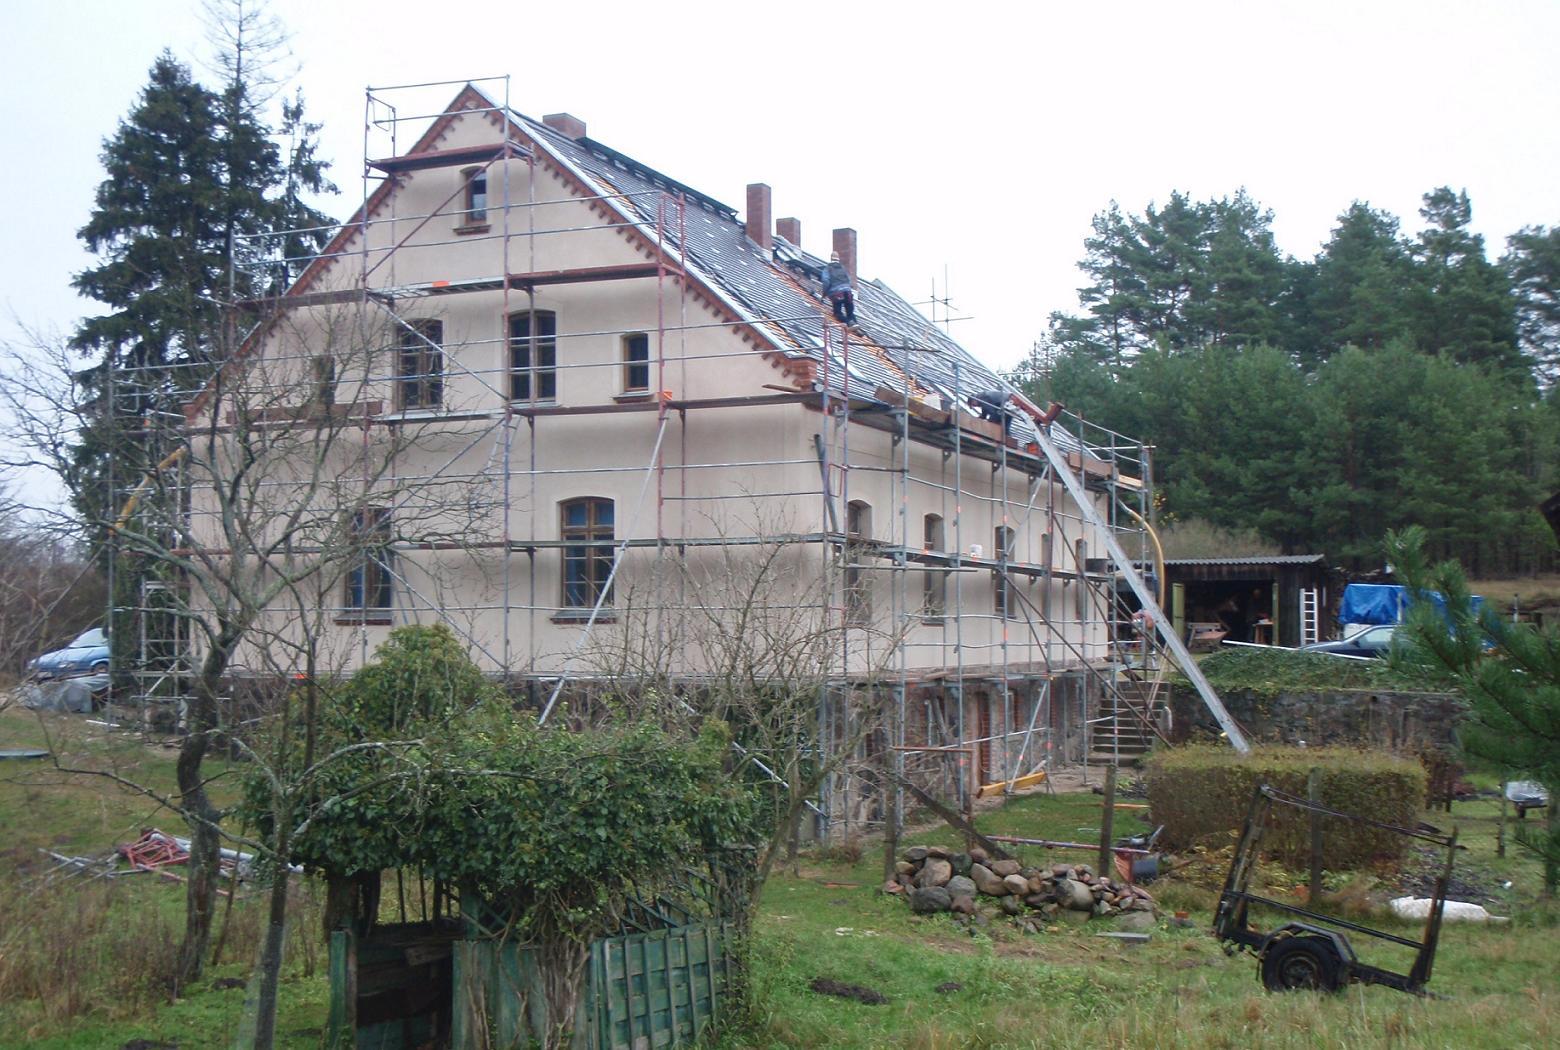 stuckfassaden alter bauernhäuser